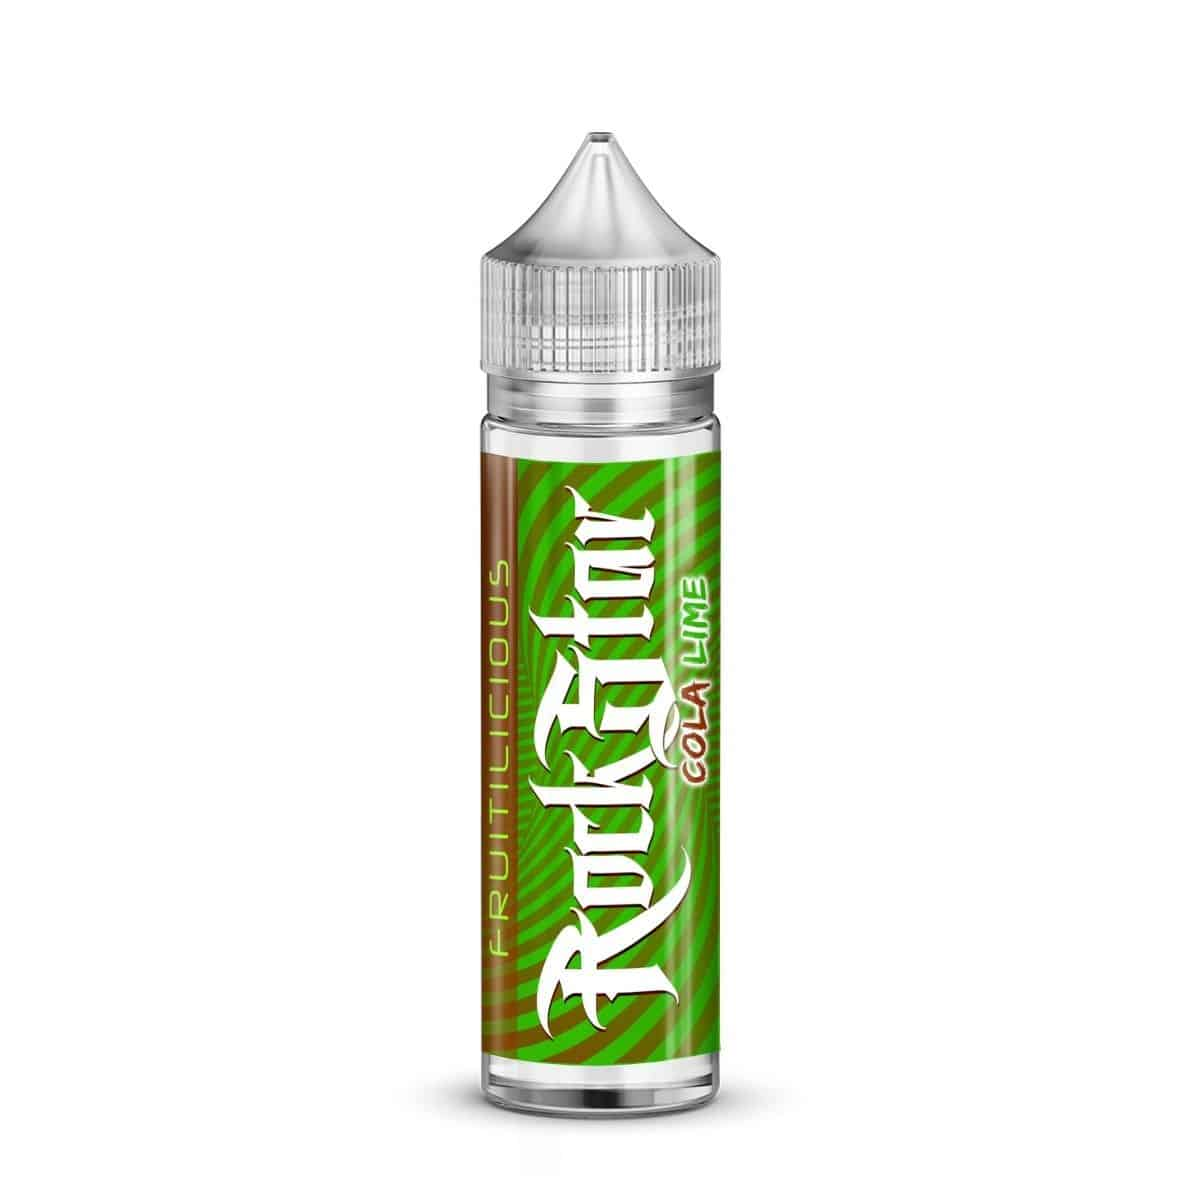 Rockstar Fruitilicious Cola Lime